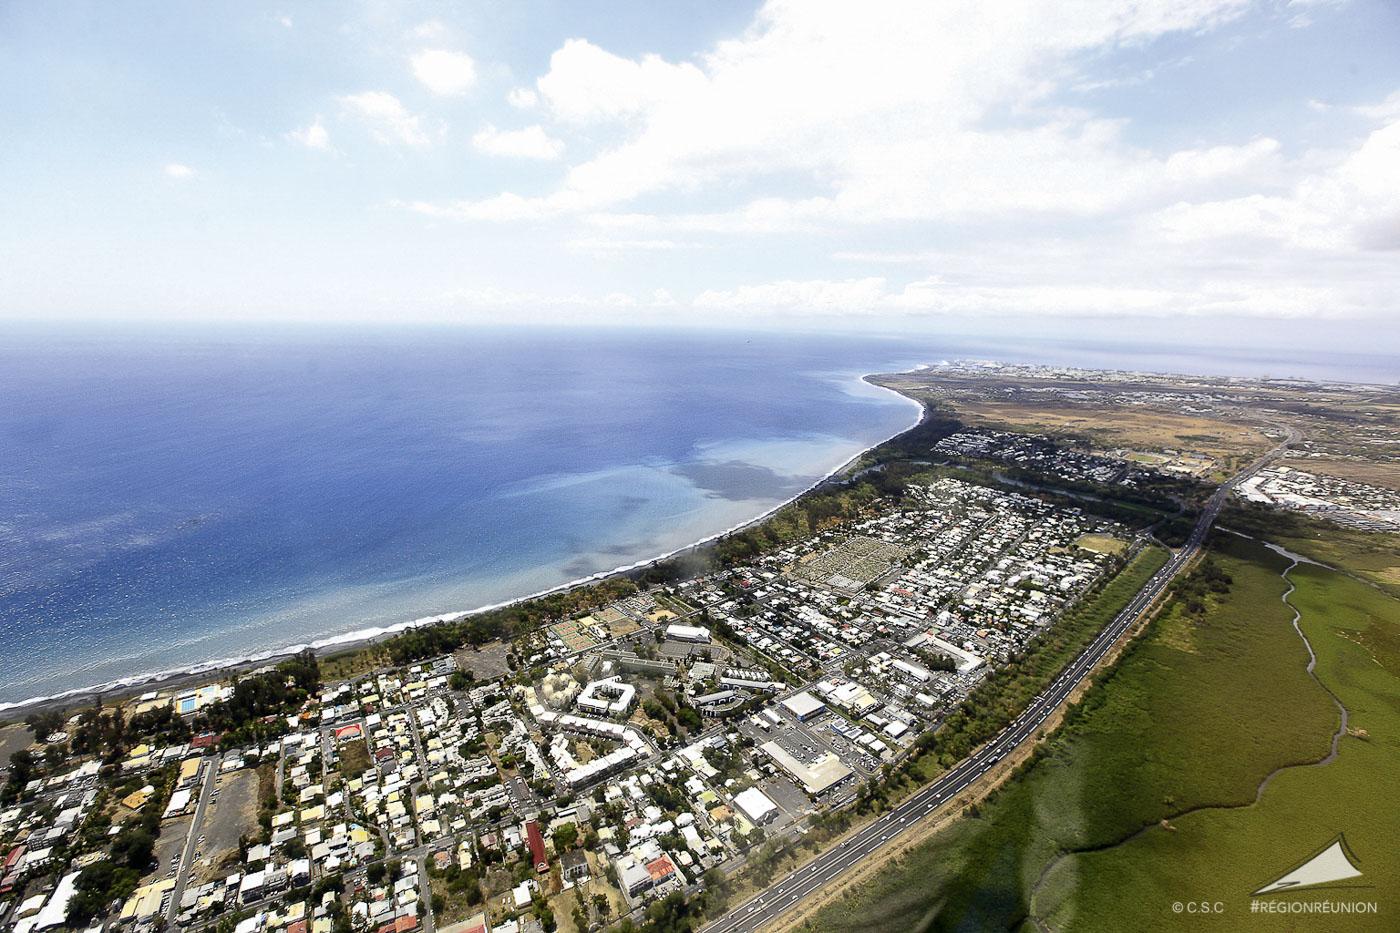 Projet de modification du Schéma d'Aménagement Régional de La Réunion